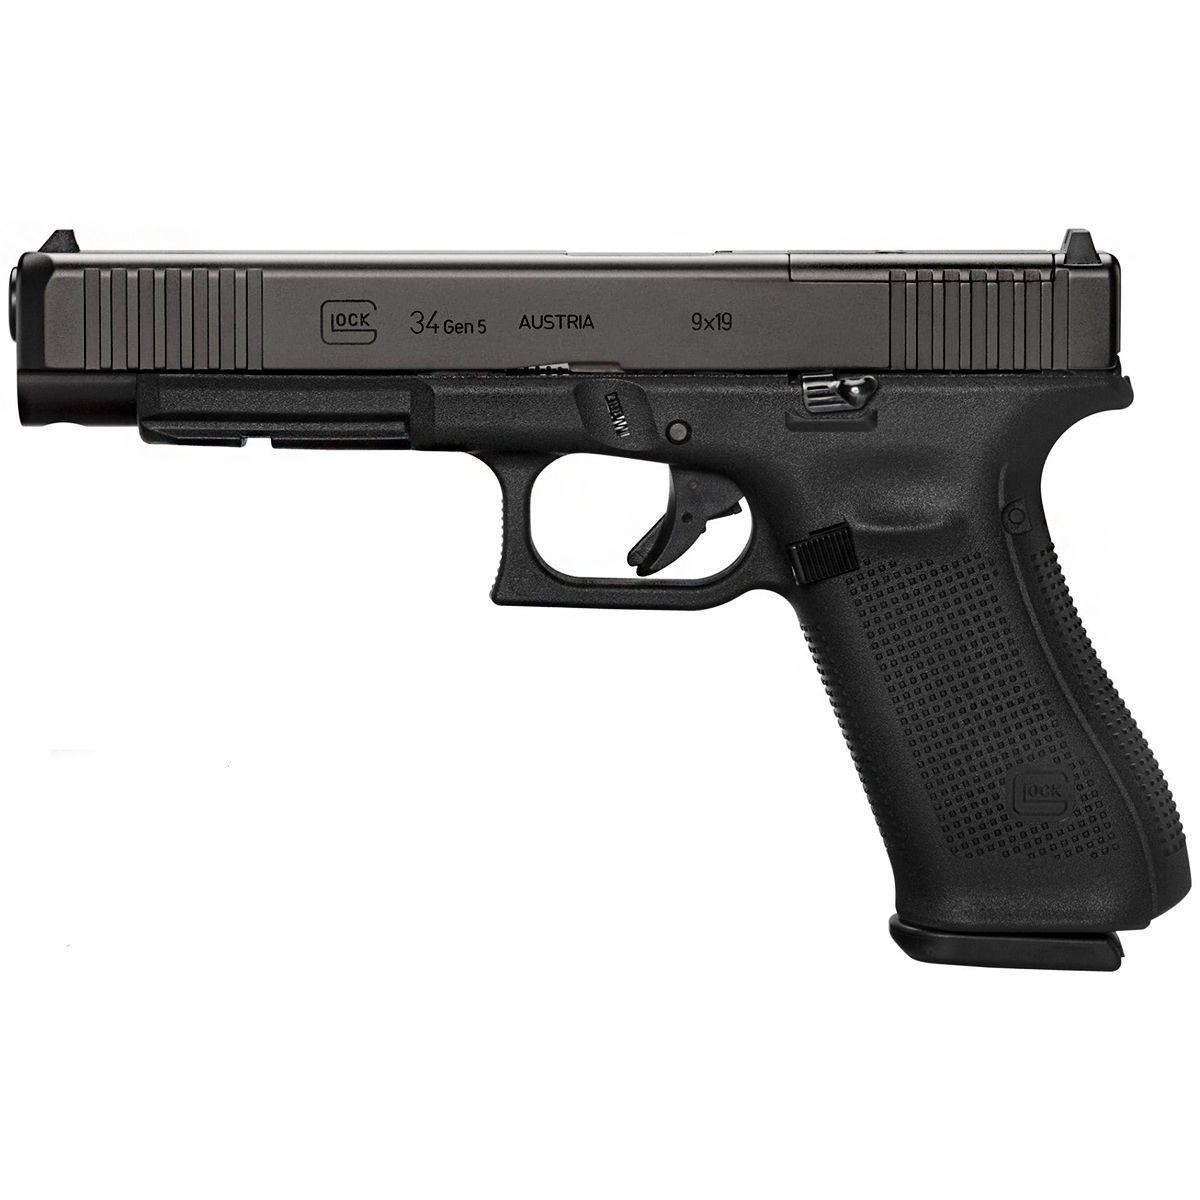 Pistola Glock G34 Gen5 Mos Semi Automática 9 mm